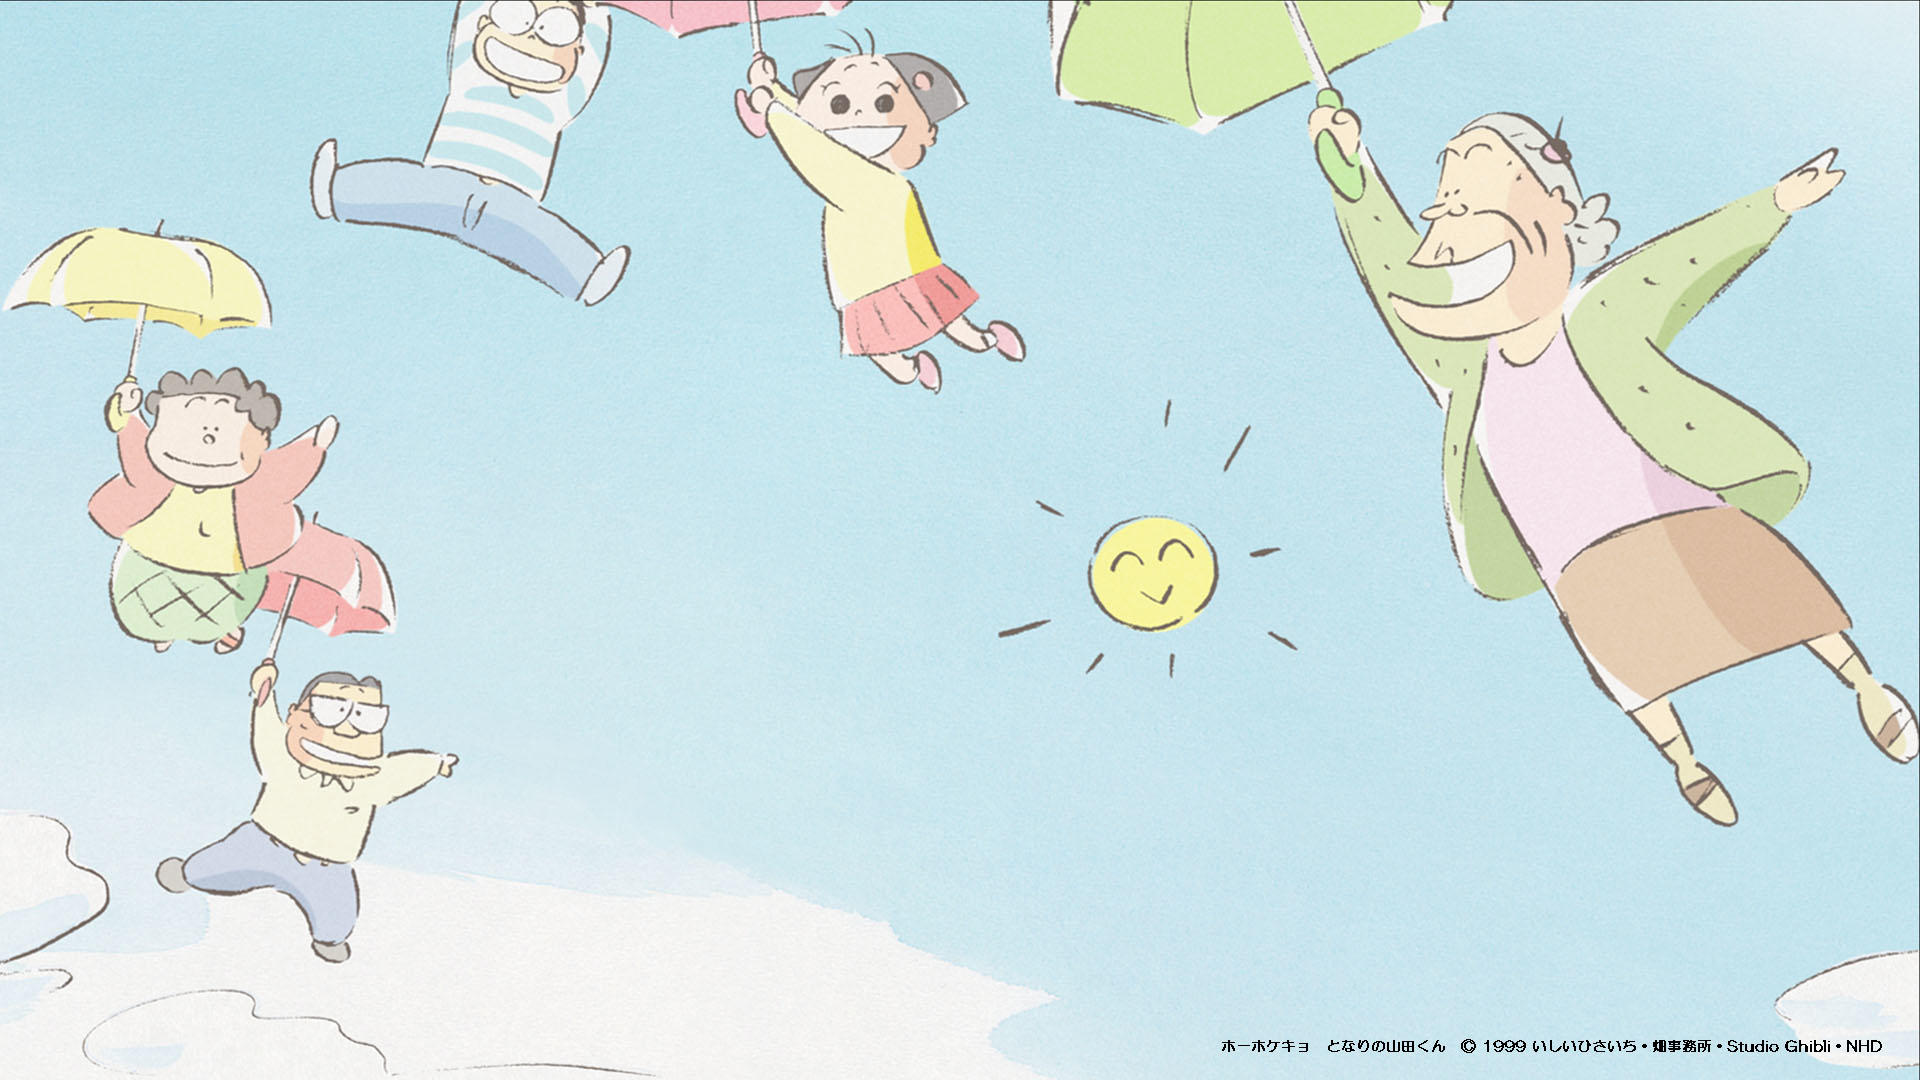 5 25更新 Web会議などで使える スタジオジブリ壁紙 スタジオジブリ Studio Ghibli